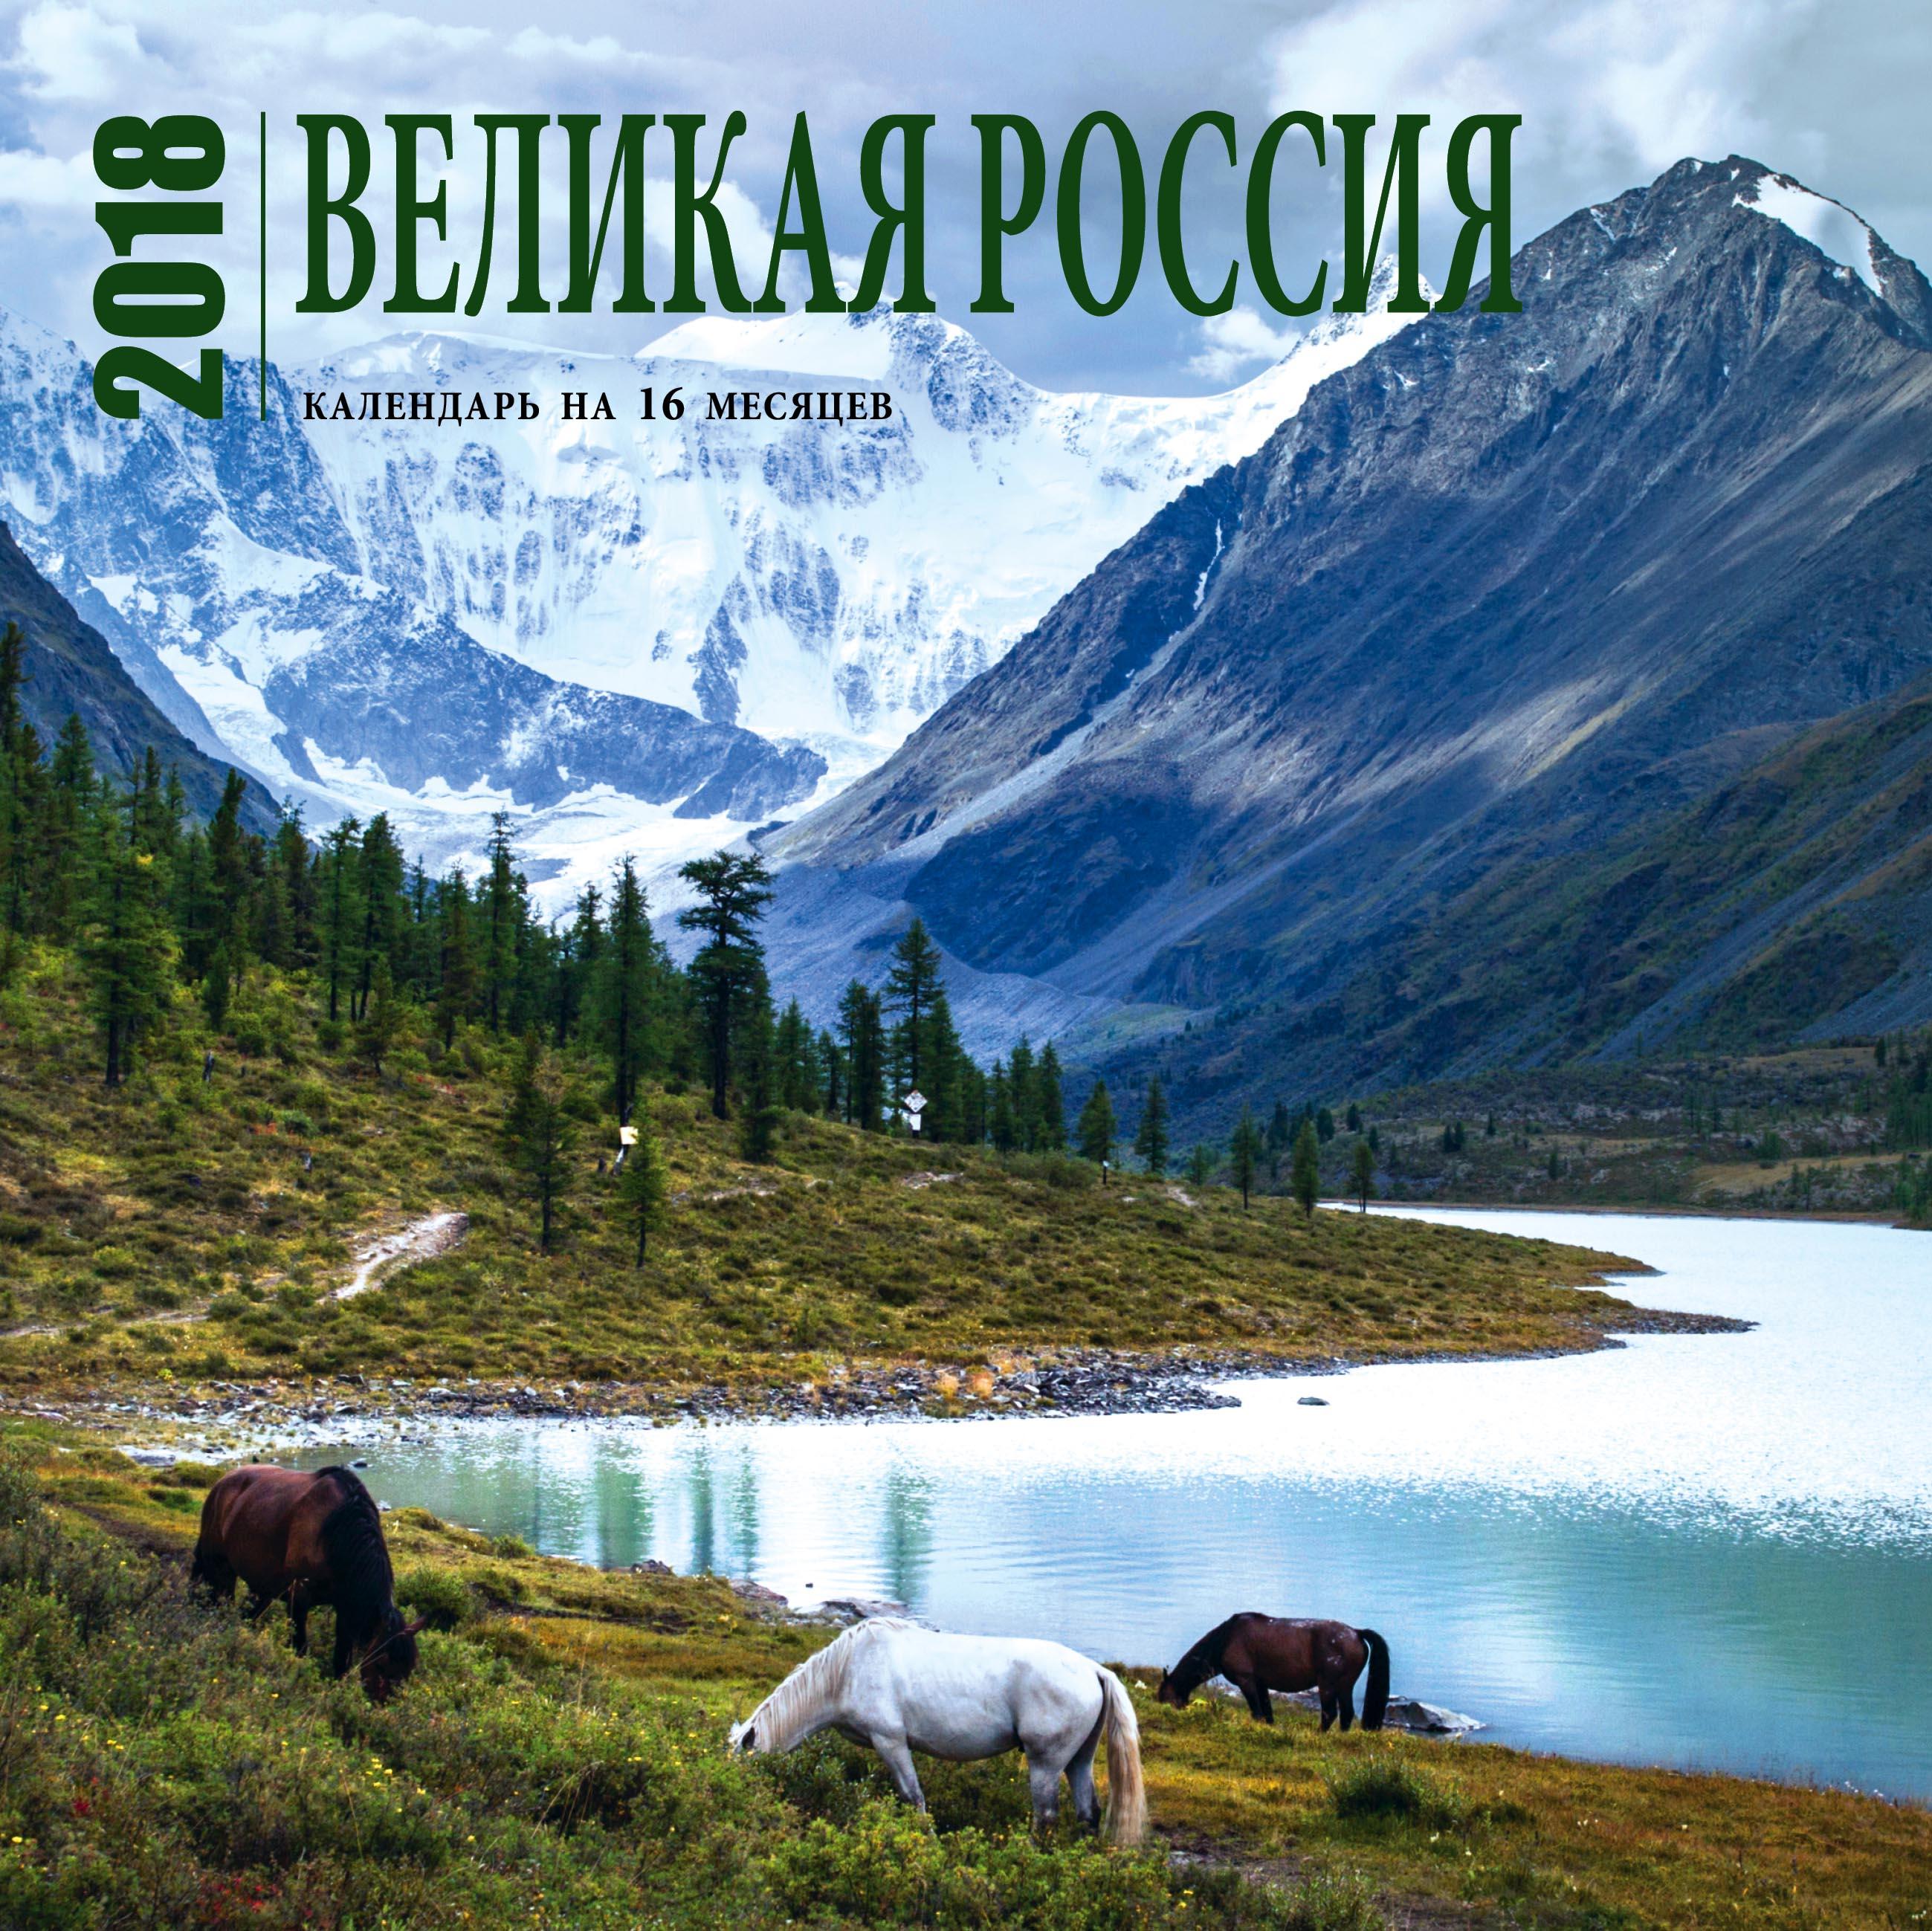 Великая Россия. Календарь (настенный, на 16 месяцев) 2018 от book24.ru